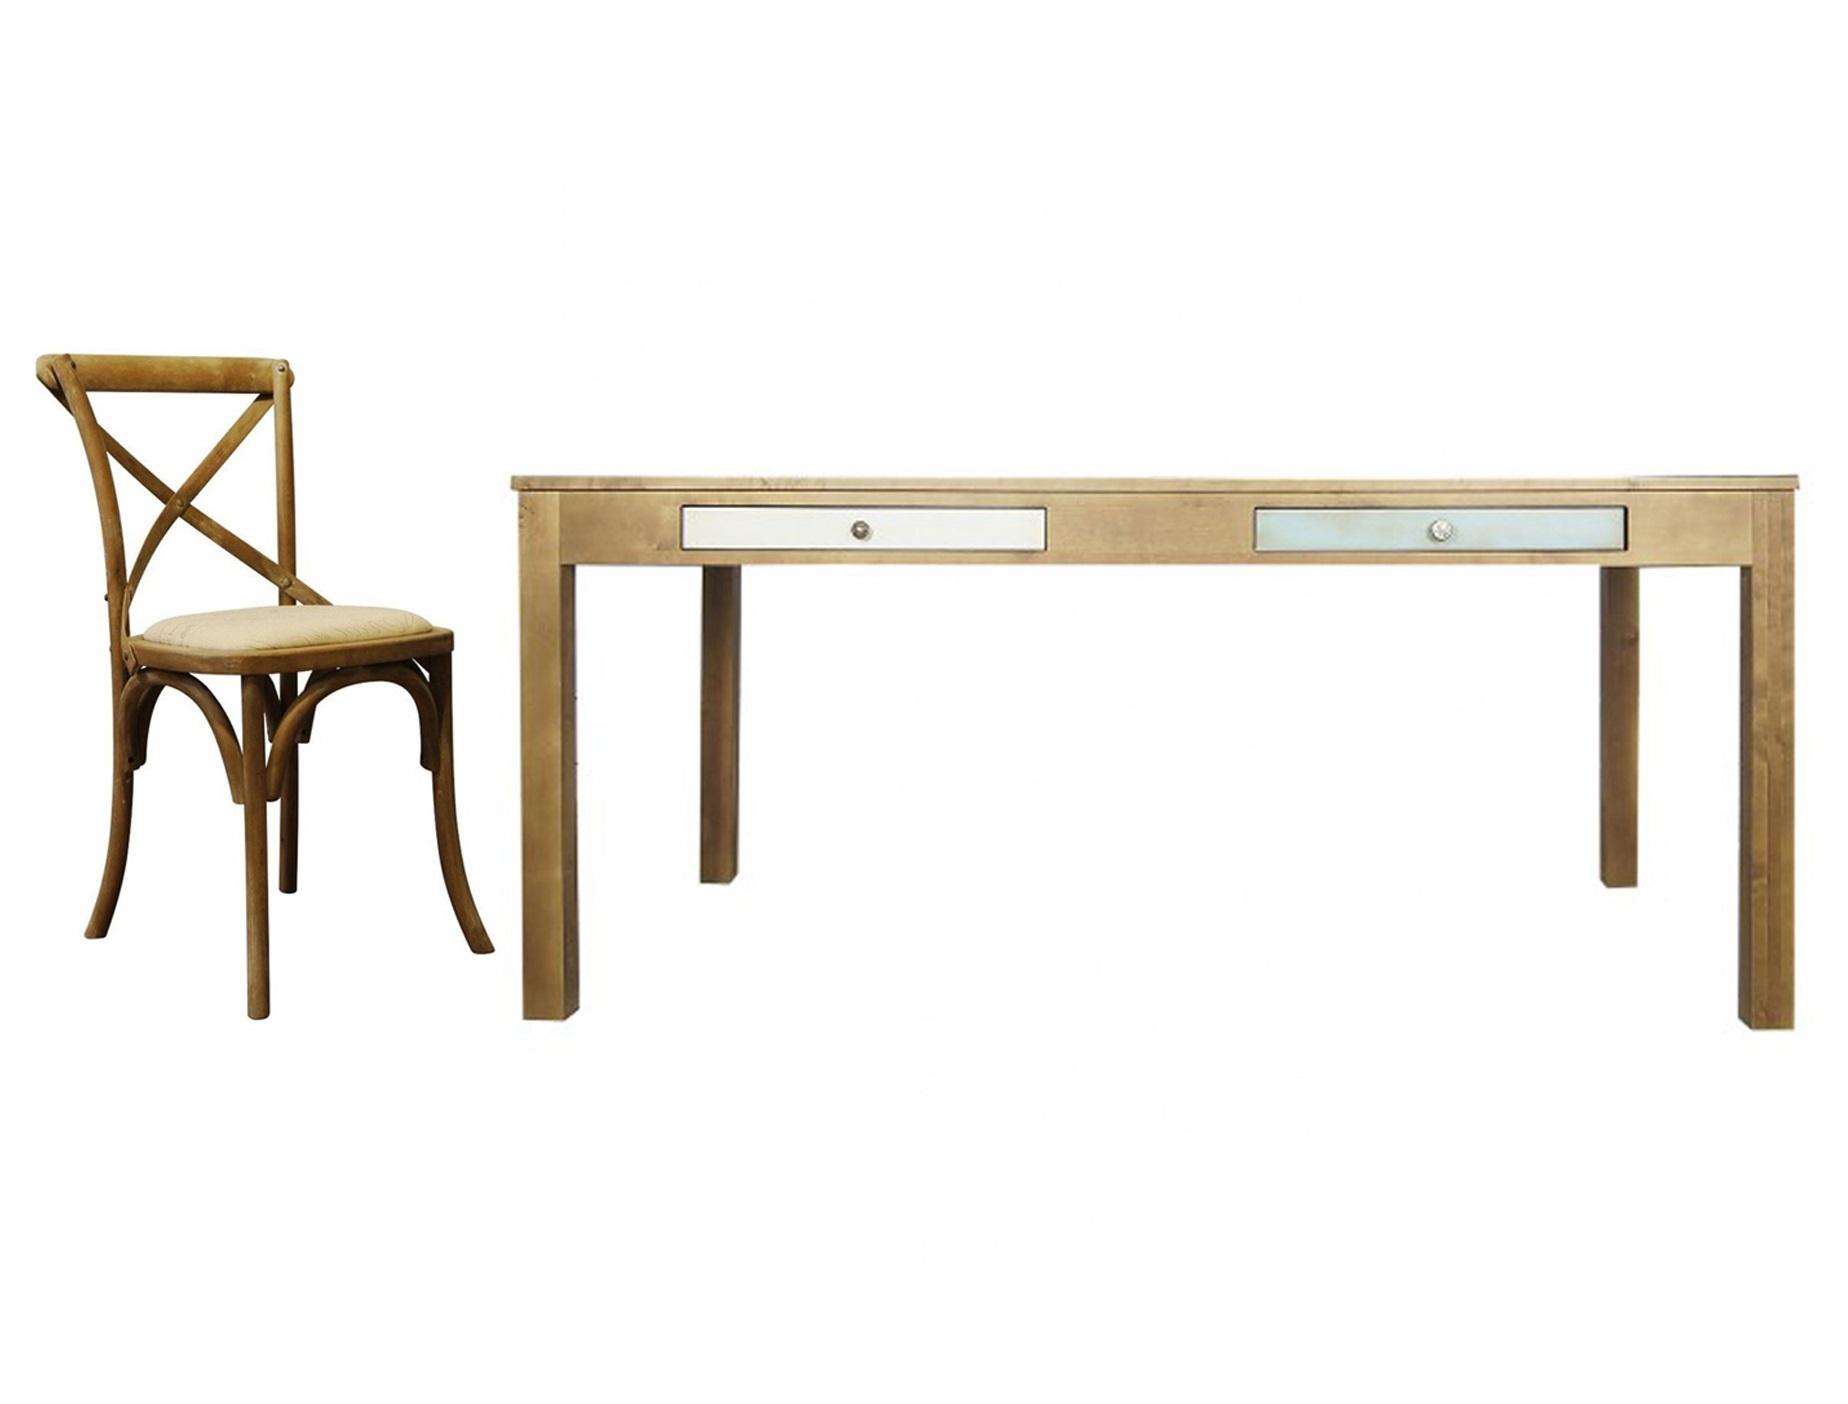 Обеденная группа Aquarelle Birch (стол + 6 стульев)Комплекты для столовой<br>&amp;lt;div&amp;gt;&amp;lt;div&amp;gt;Размеры стола: 175/90/75 см&amp;lt;br&amp;gt;&amp;lt;/div&amp;gt;&amp;lt;div&amp;gt;Материал стола: массив березы&amp;lt;br&amp;gt;&amp;lt;/div&amp;gt;&amp;lt;div&amp;gt;Размеры стула: 50/54/88 см&amp;lt;br&amp;gt;&amp;lt;/div&amp;gt;&amp;lt;div&amp;gt;Материал стула: лен&amp;lt;/div&amp;gt;&amp;lt;div&amp;gt;&amp;lt;br&amp;gt;&amp;lt;/div&amp;gt;&amp;lt;div&amp;gt;&amp;lt;br&amp;gt;&amp;lt;/div&amp;gt;&amp;lt;div&amp;gt;&amp;lt;br&amp;gt;&amp;lt;/div&amp;gt;&amp;lt;/div&amp;gt;<br><br>Material: Береза<br>Ширина см: 175<br>Высота см: 75<br>Глубина см: 90